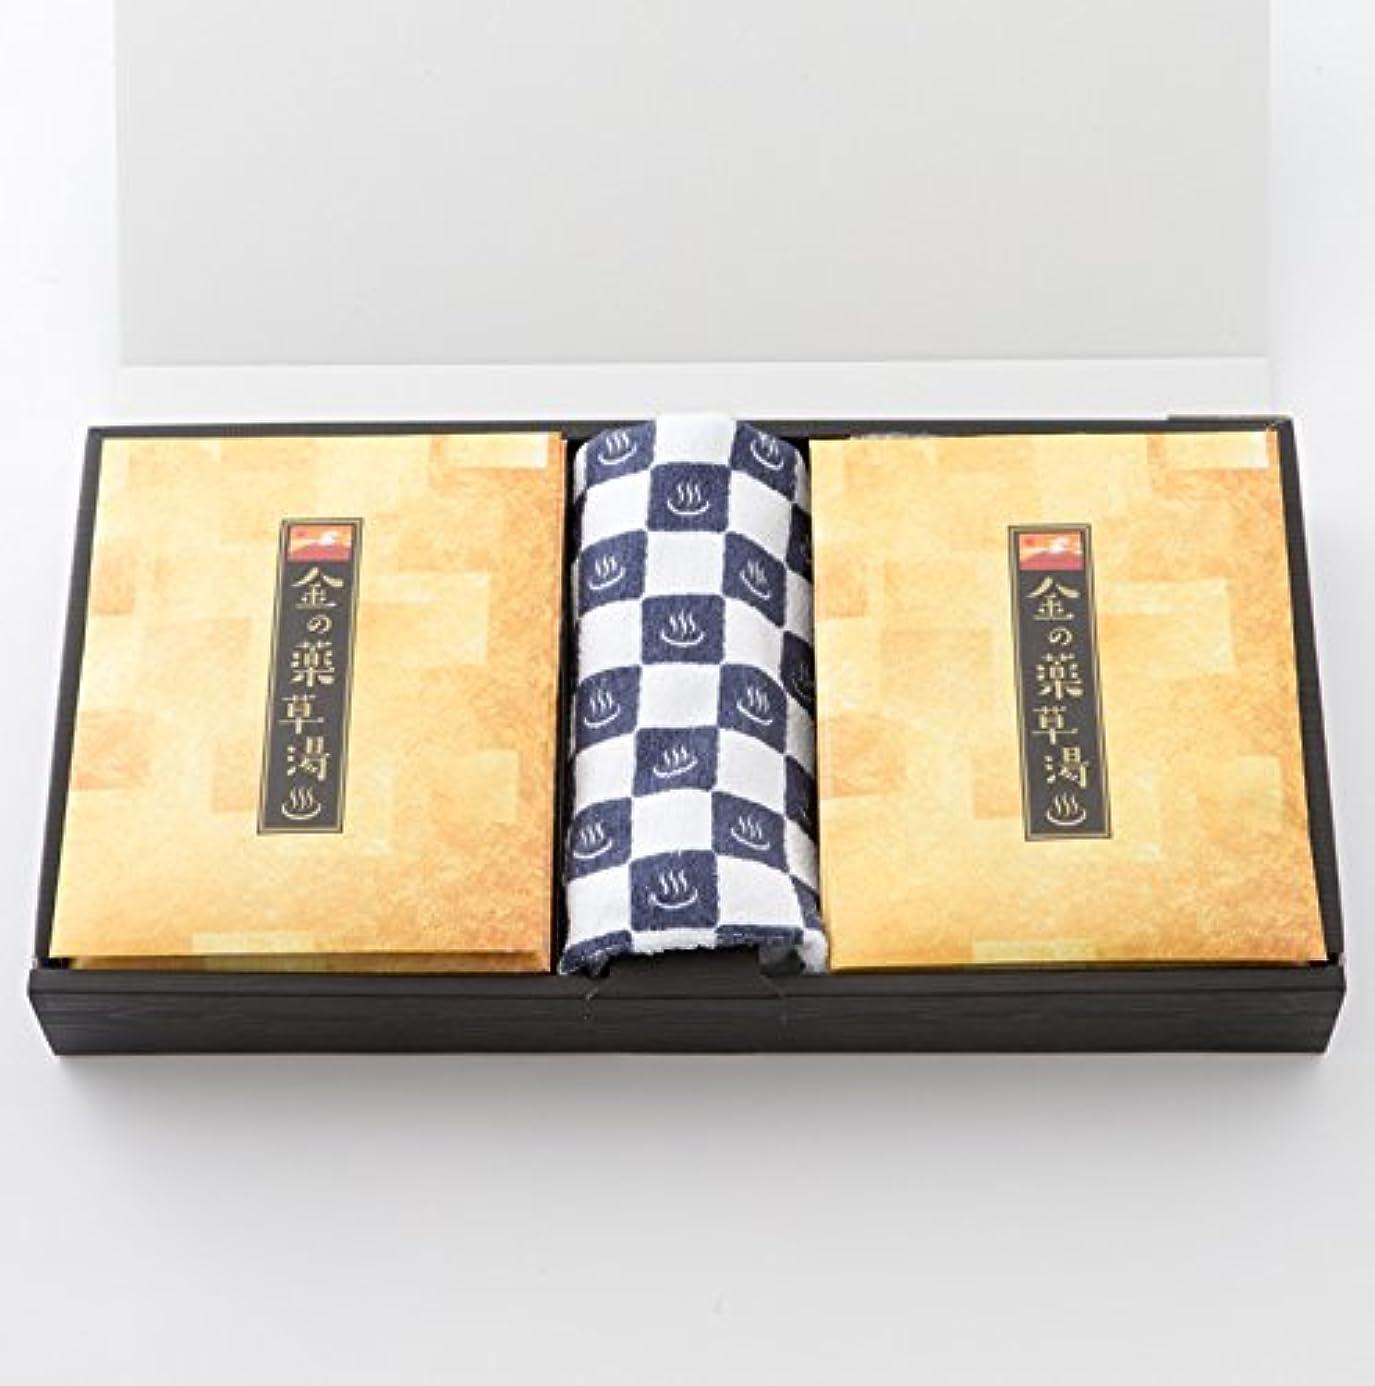 マウンド倫理ブラウザ金の薬草湯と湯めぐりタオルギフト (金の薬草湯8包+湯めぐりタオル1本)